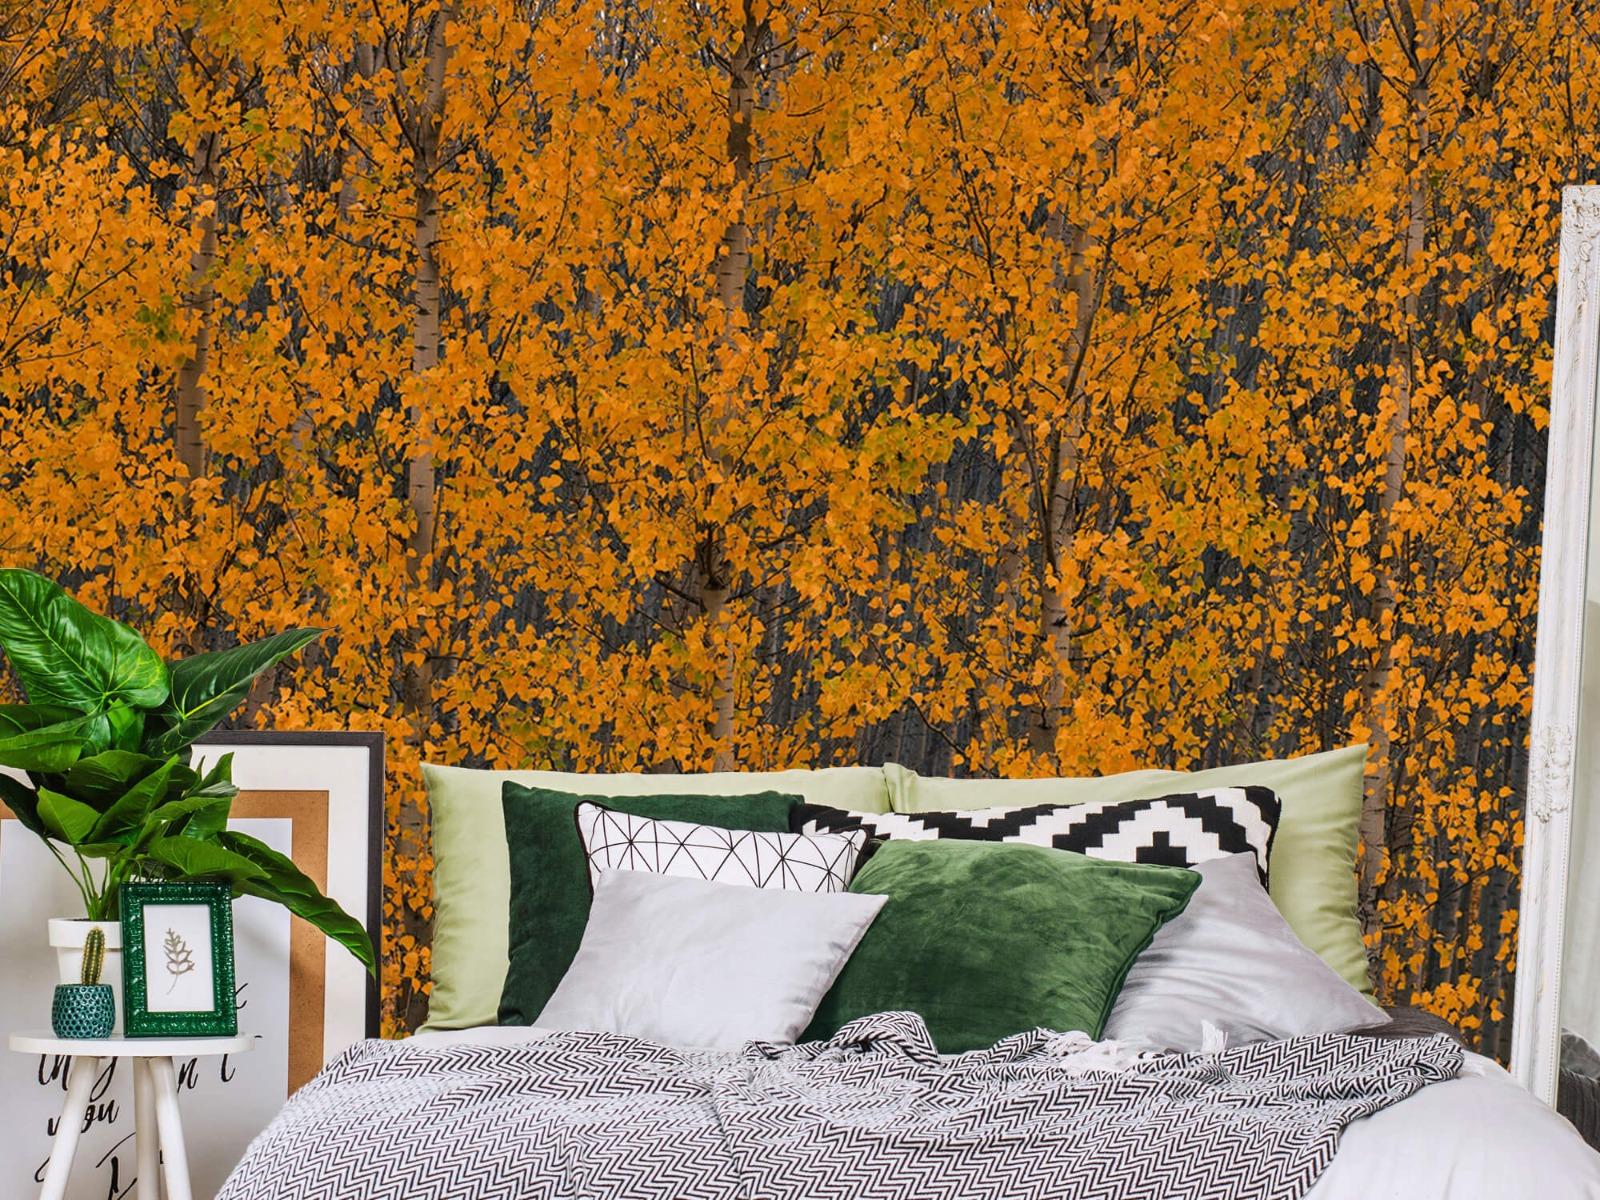 Herfst - Populieren bos - Slaapkamer 12